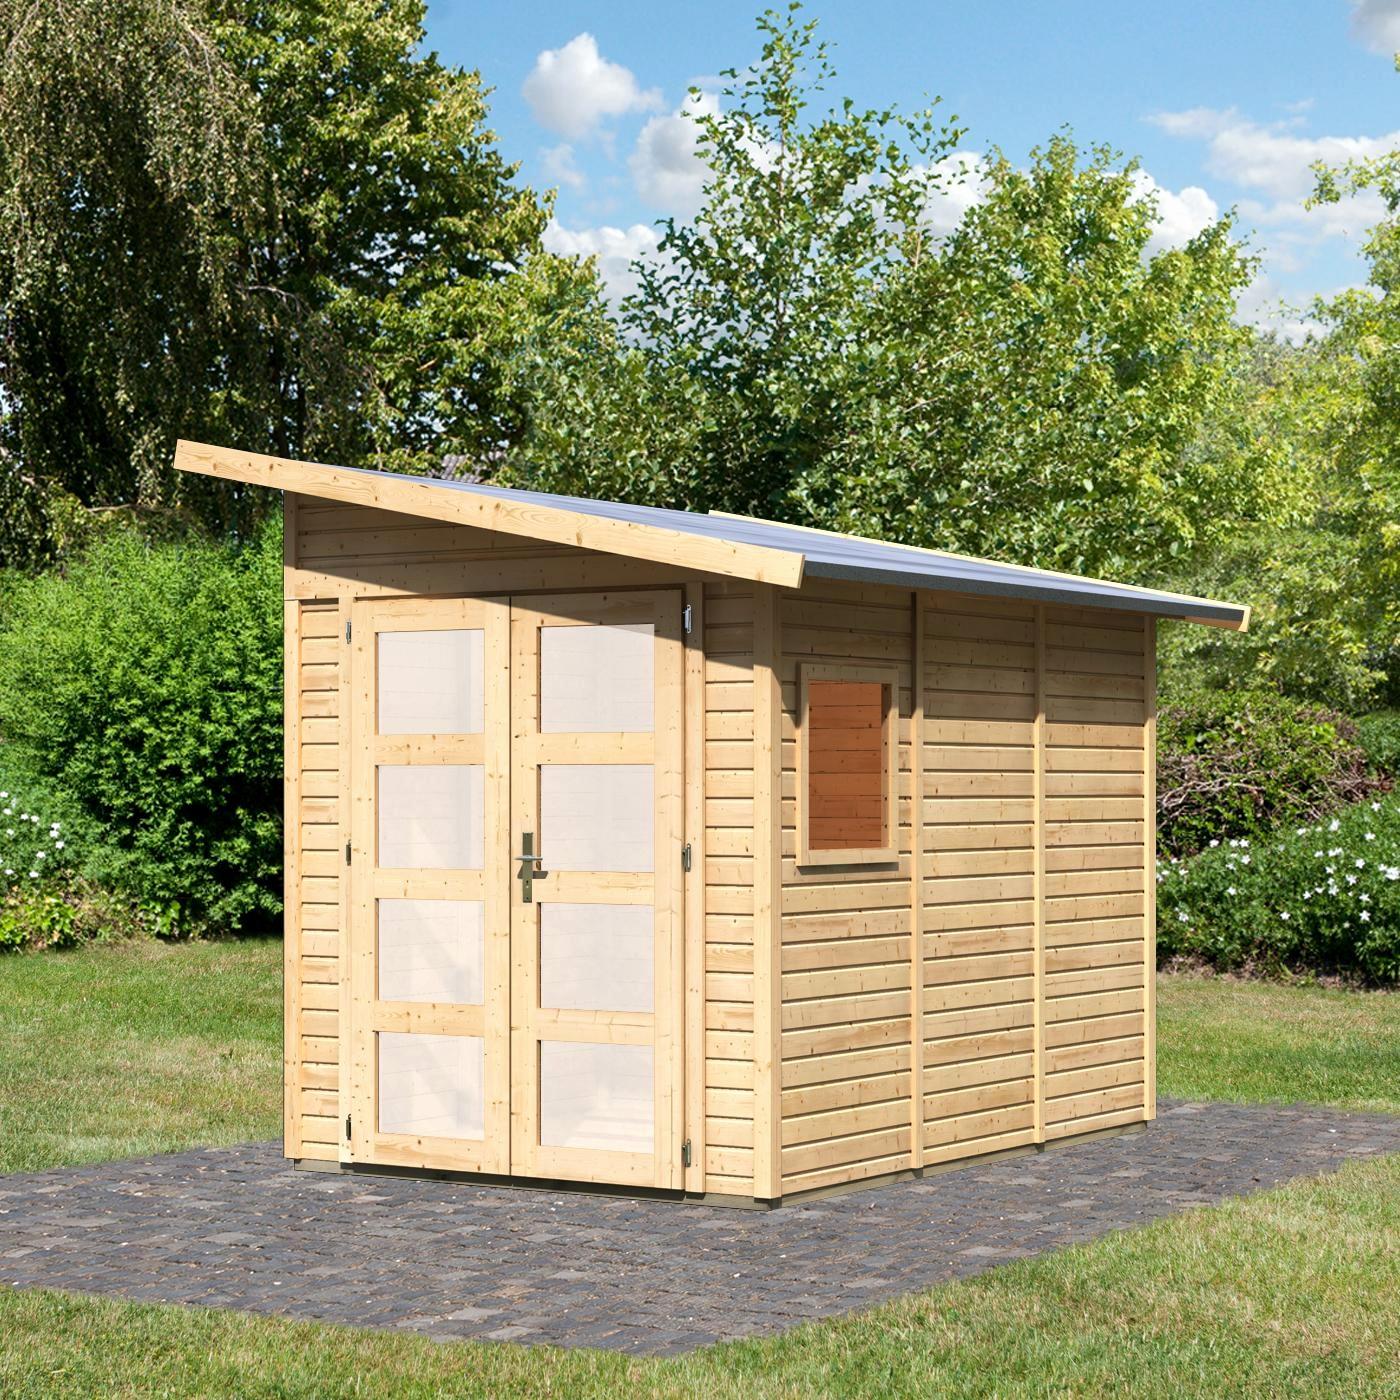 Cabane De Jardin Pas Cher Schème - Idees Conception Jardin pour Abris De Jardin Carrefour